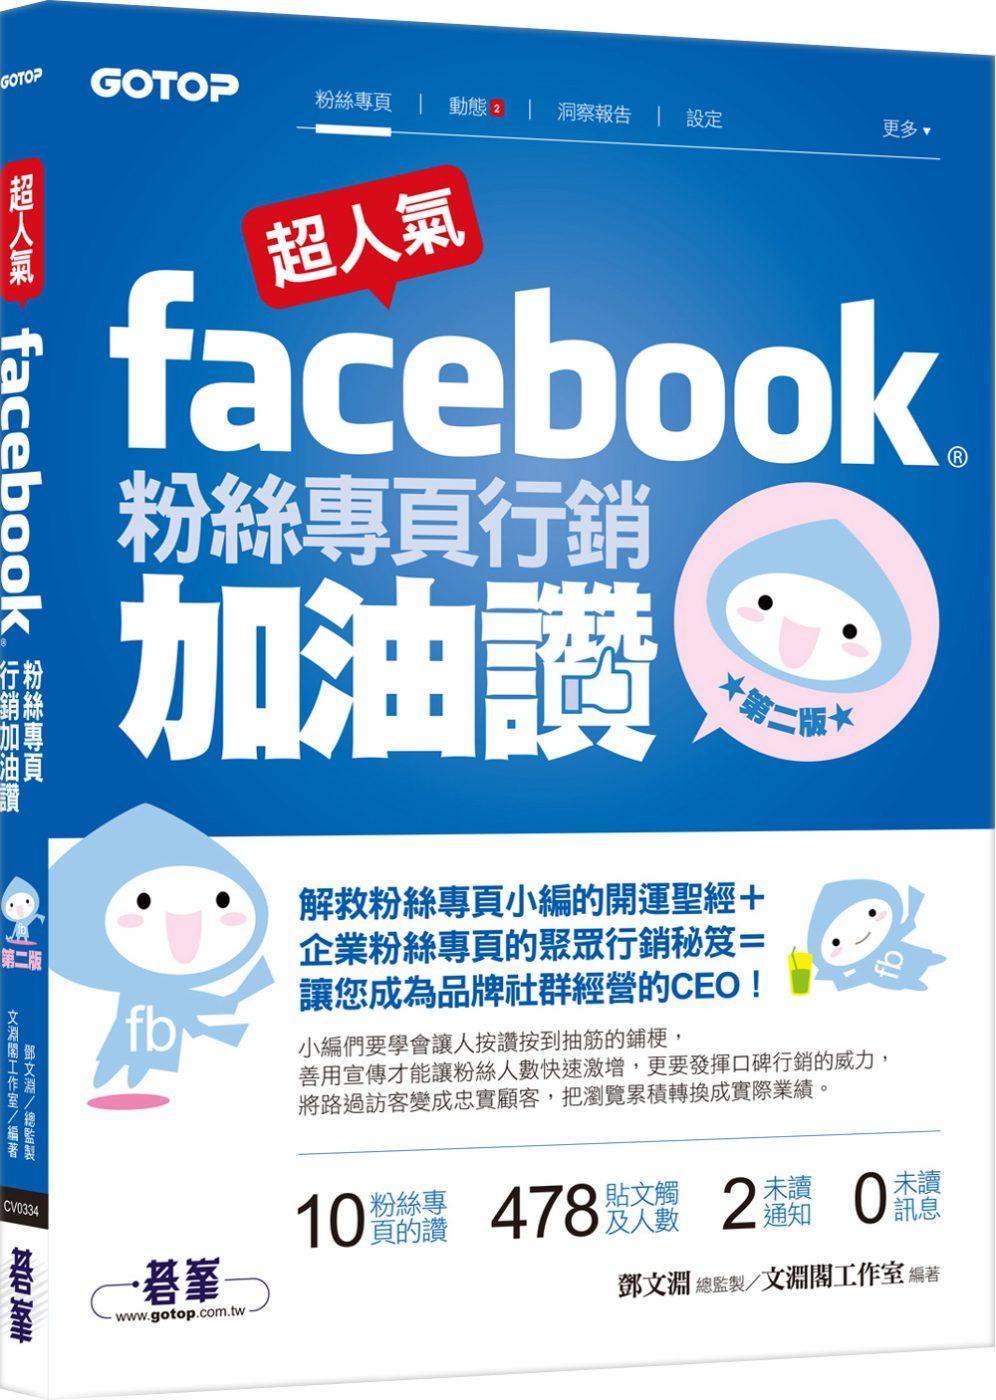 超人氣Facebook粉絲專頁行銷加油讚:解救粉絲專頁小編的開運聖經+企業粉絲專頁聚眾行銷秘笈(第二版)